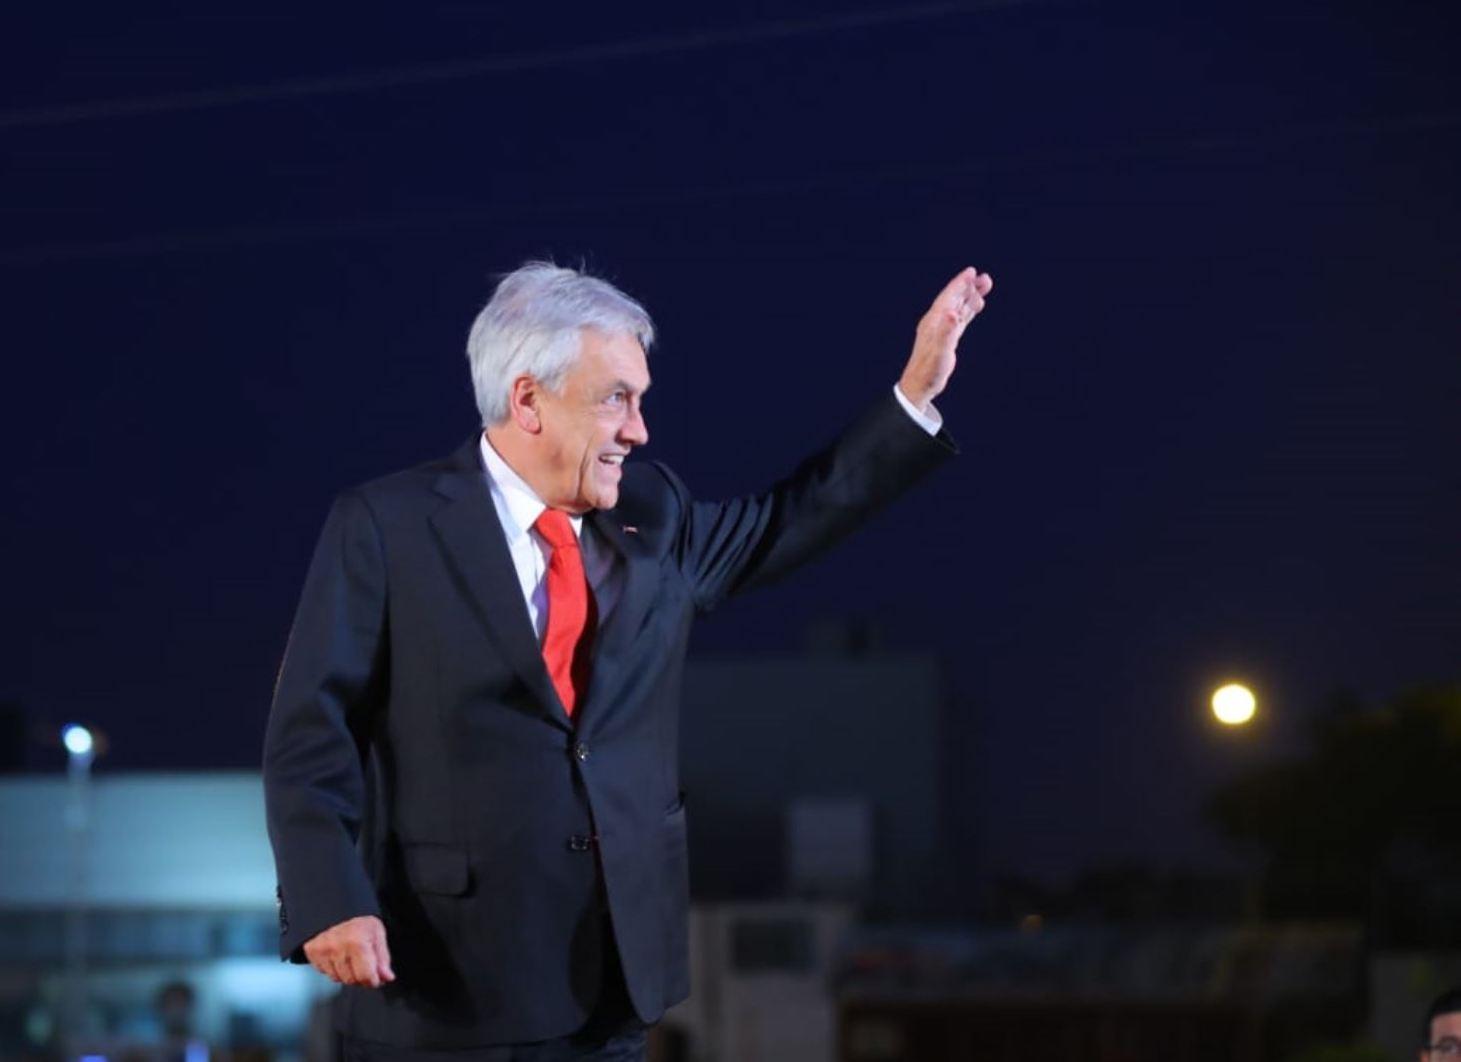 El gobierno del chileno Sebastián Piñera ha sido duramente criticado por no suscribir el Acuerdo de Escazú. Foto: Agencia Andina.